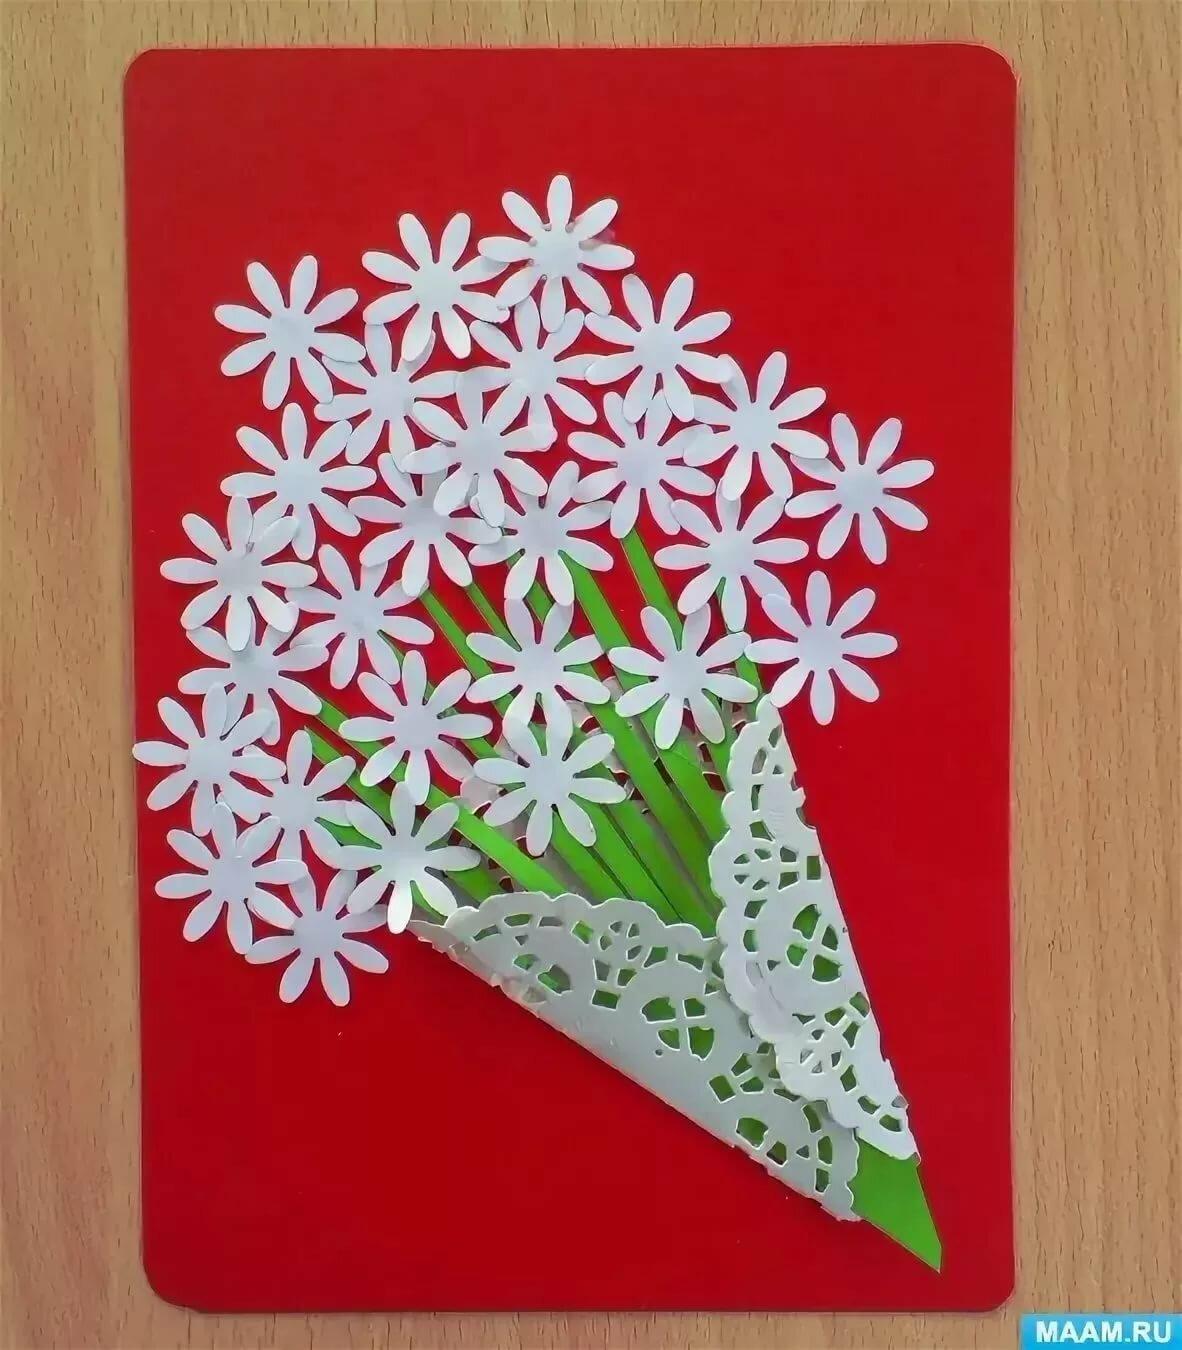 Картинки для, поделки и открытки на день матери для 1 класса